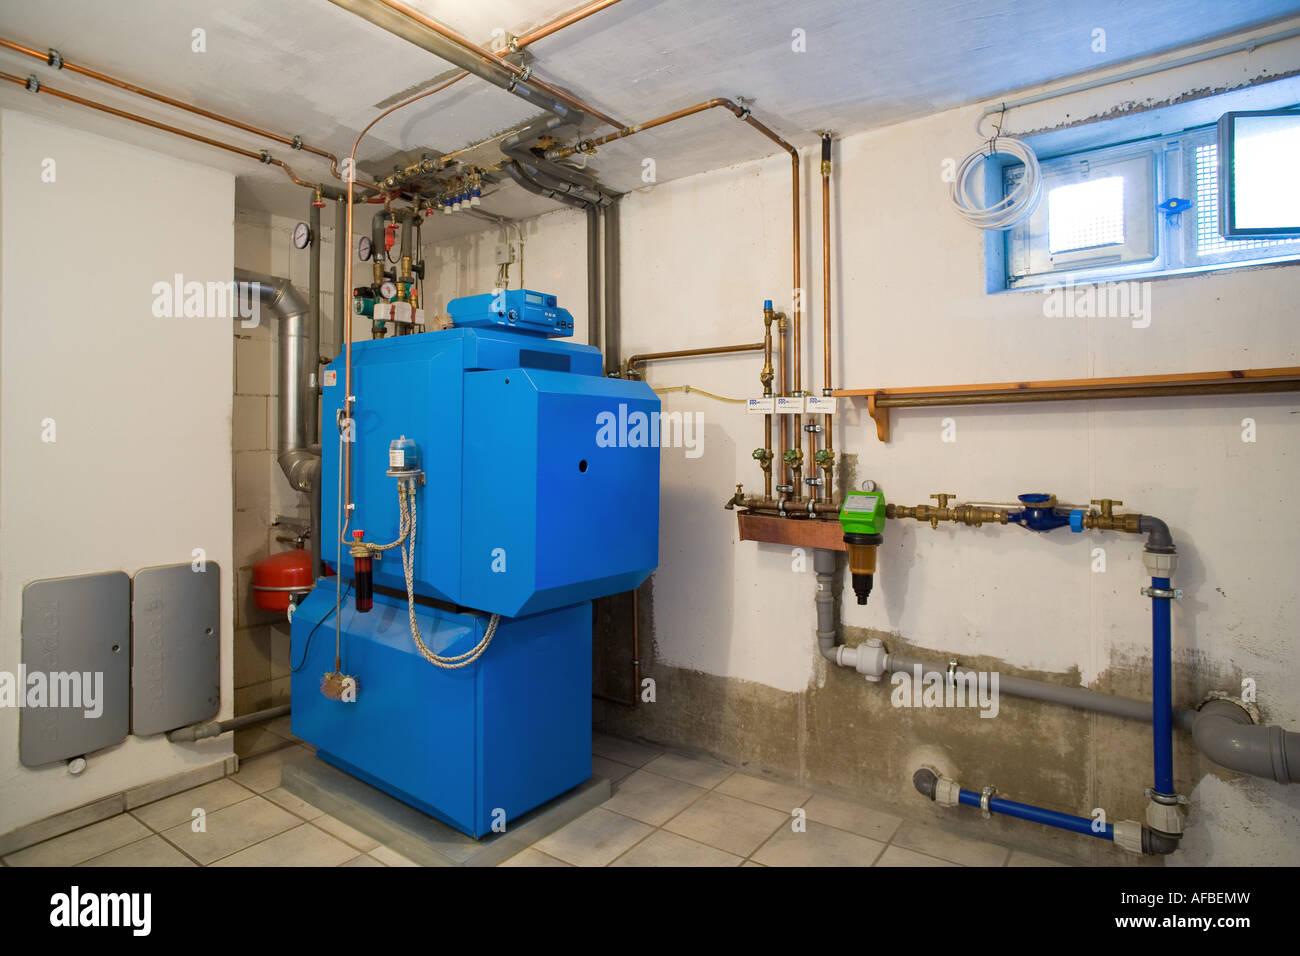 Inside Boiler Room Stockfotos & Inside Boiler Room Bilder - Alamy